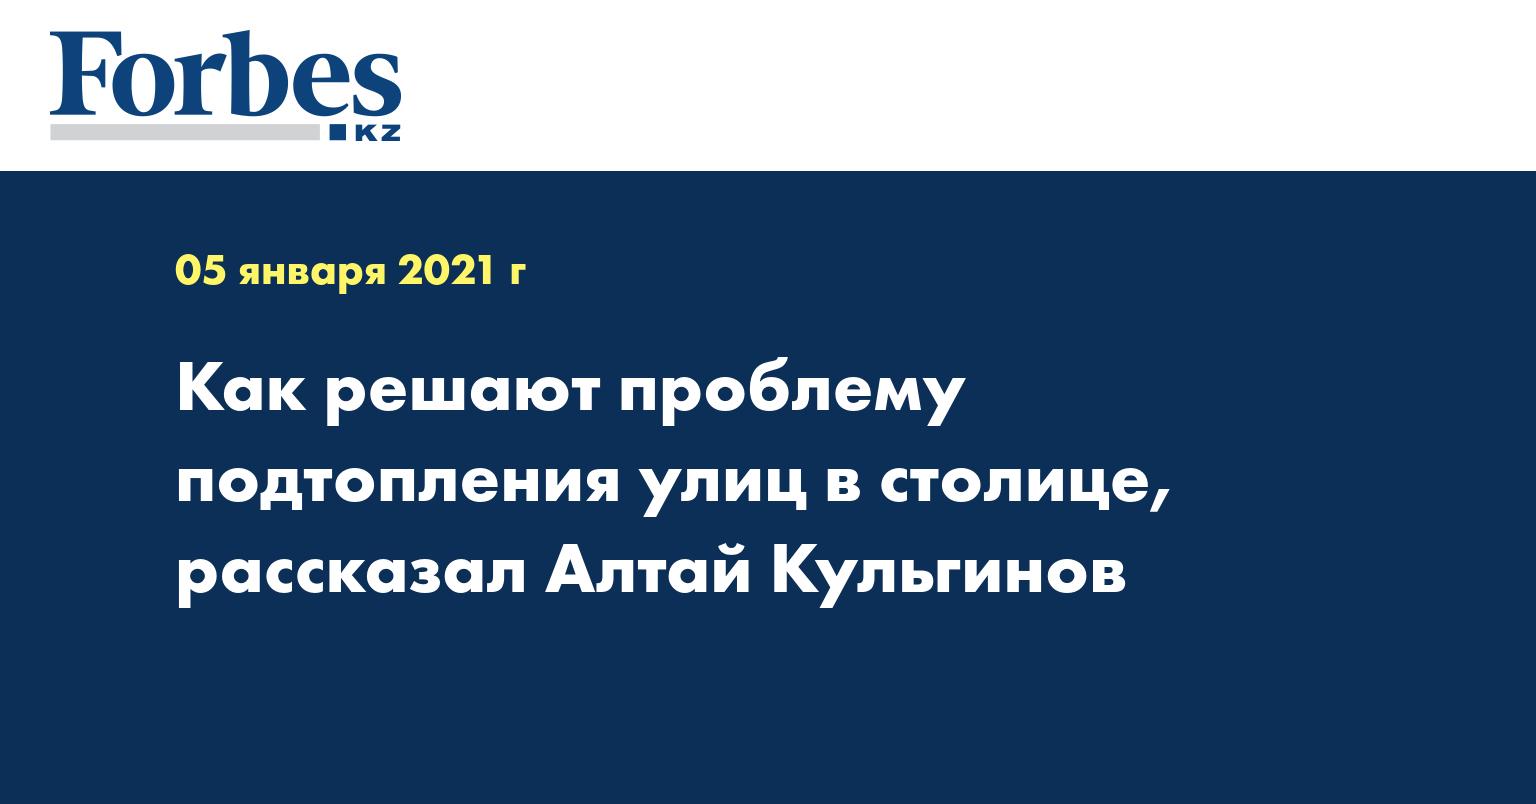 Как решают проблему подтопления улиц в столице, рассказал Алтай Кульгинов